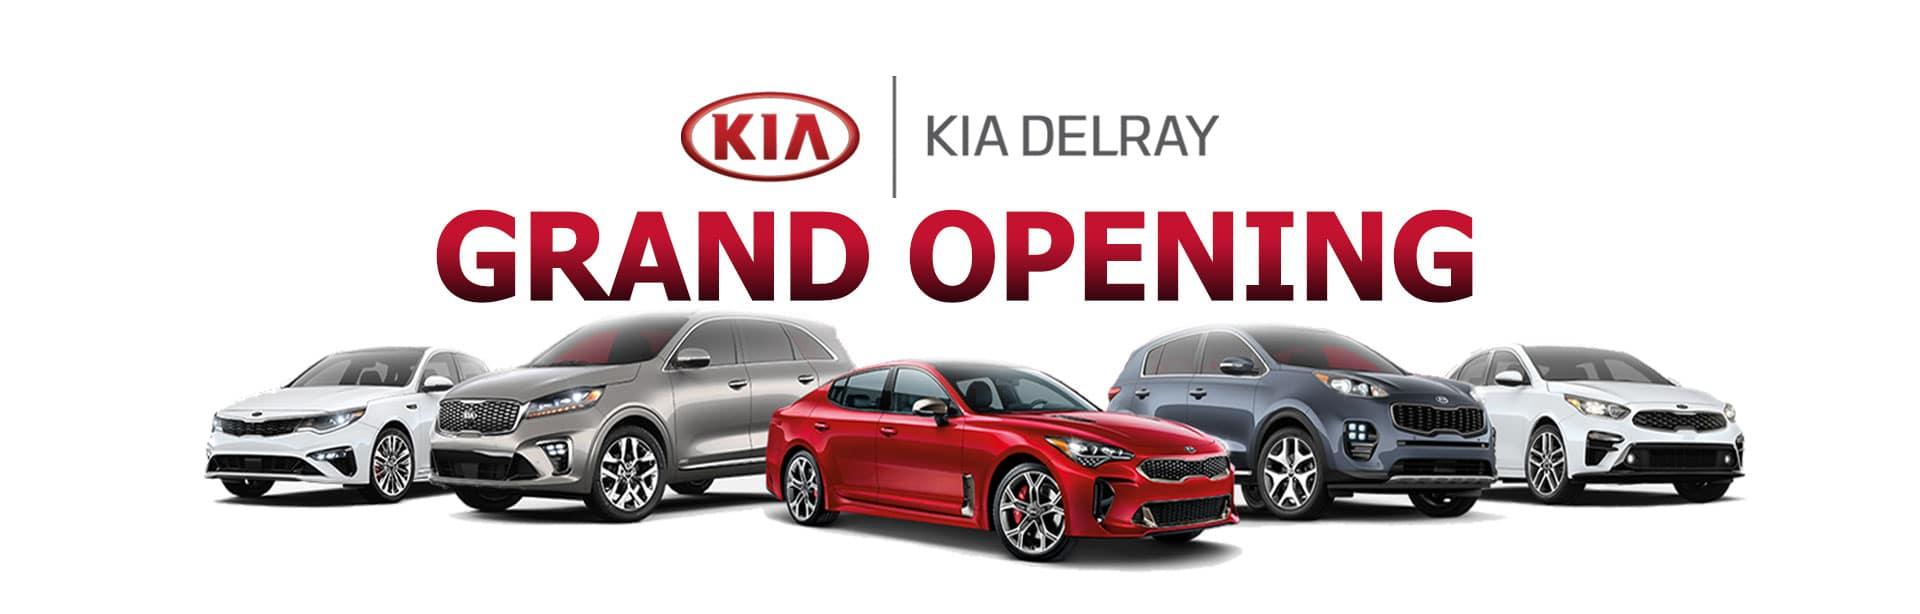 Kia Delray Grand Opening